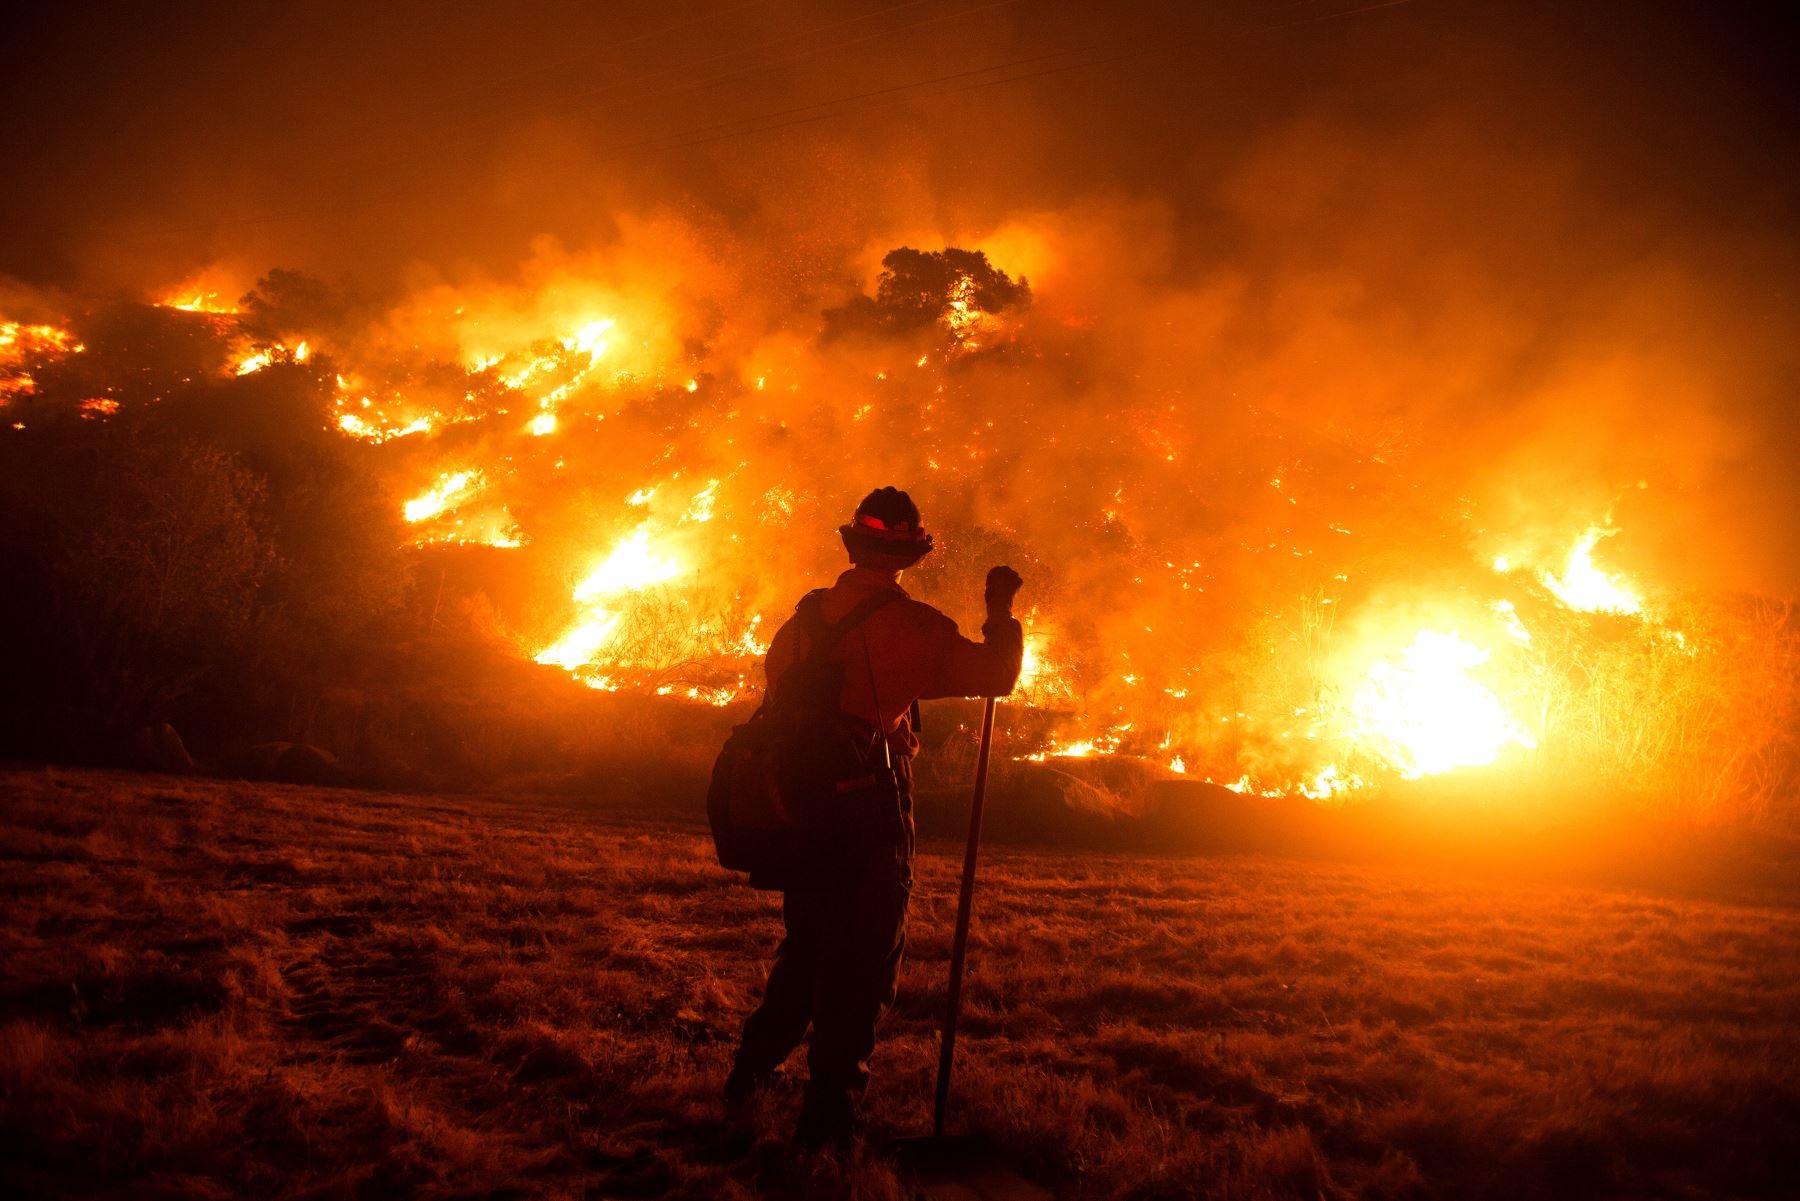 Un bombero trabaja en la escena del incendio en las laderas cerca de Monrovia Canyon Park en Monrovia, California. Foto: AFP